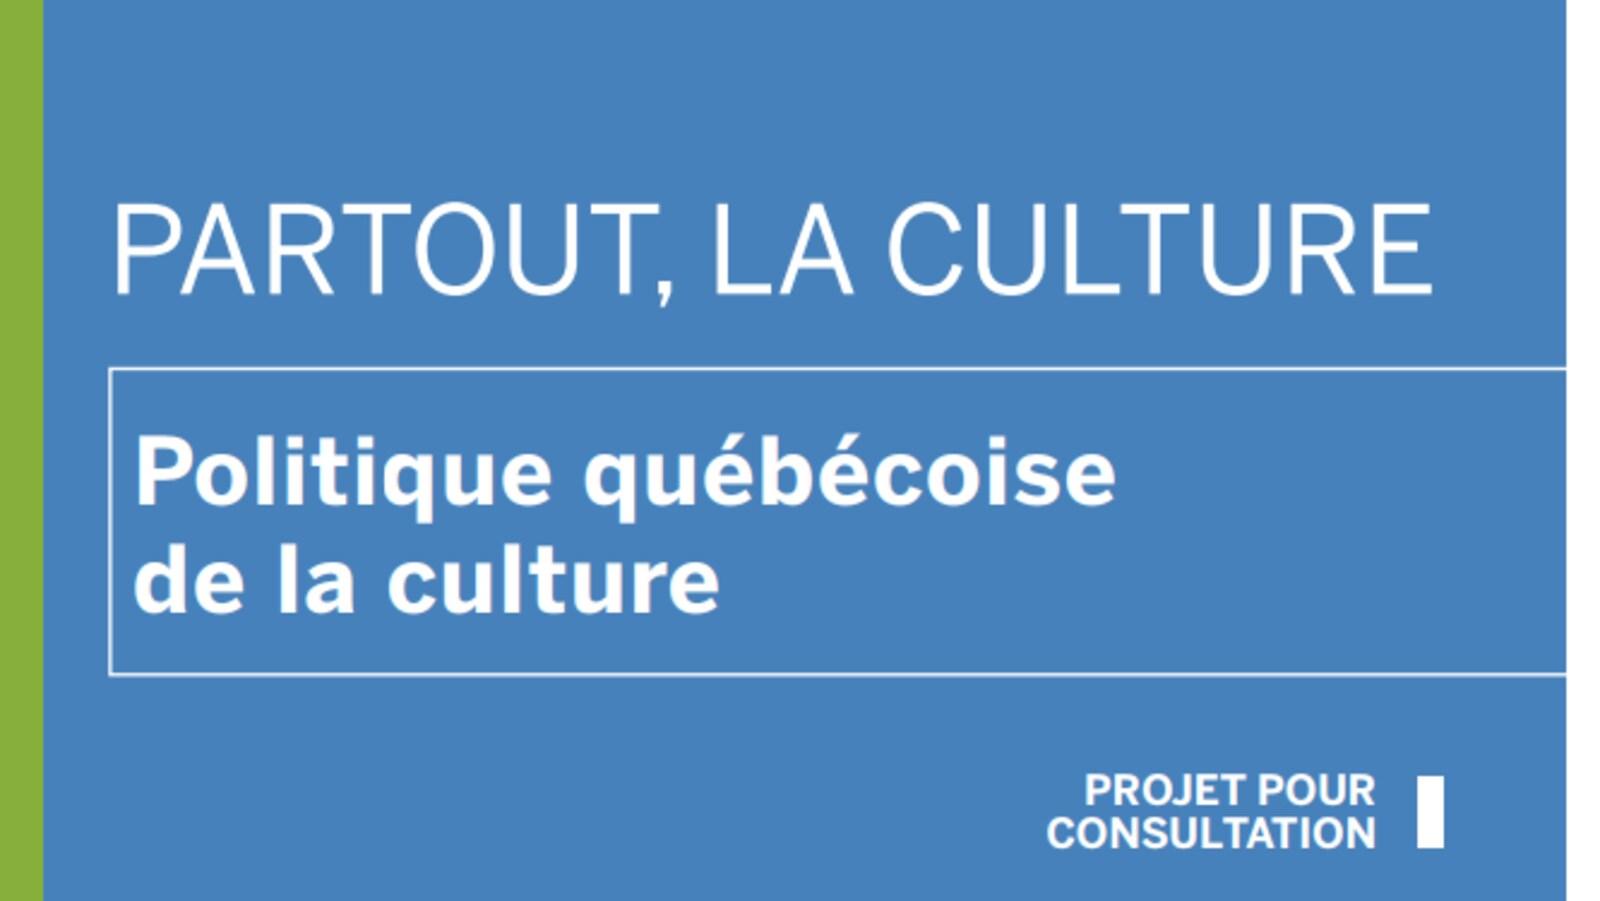 Partout, la culture